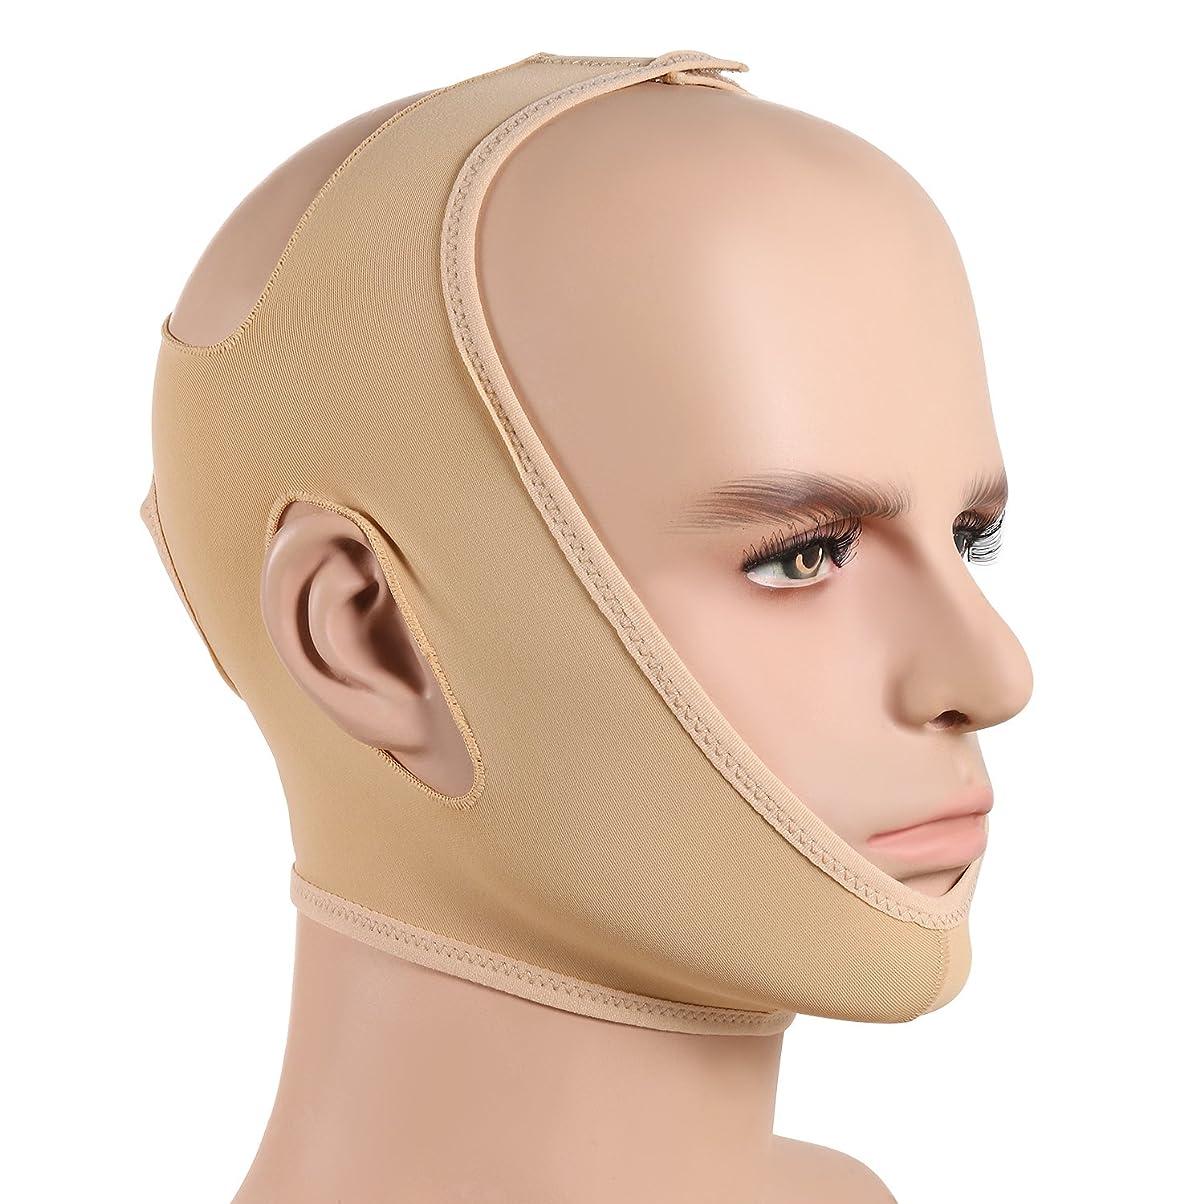 何か財布散らすJewelryWe 小顔ベルト 美顔マスク 眠りながら 小顔 矯正 額、顎下、頬リフトアップ 小顔マスク 男女兼用 Mサイズ